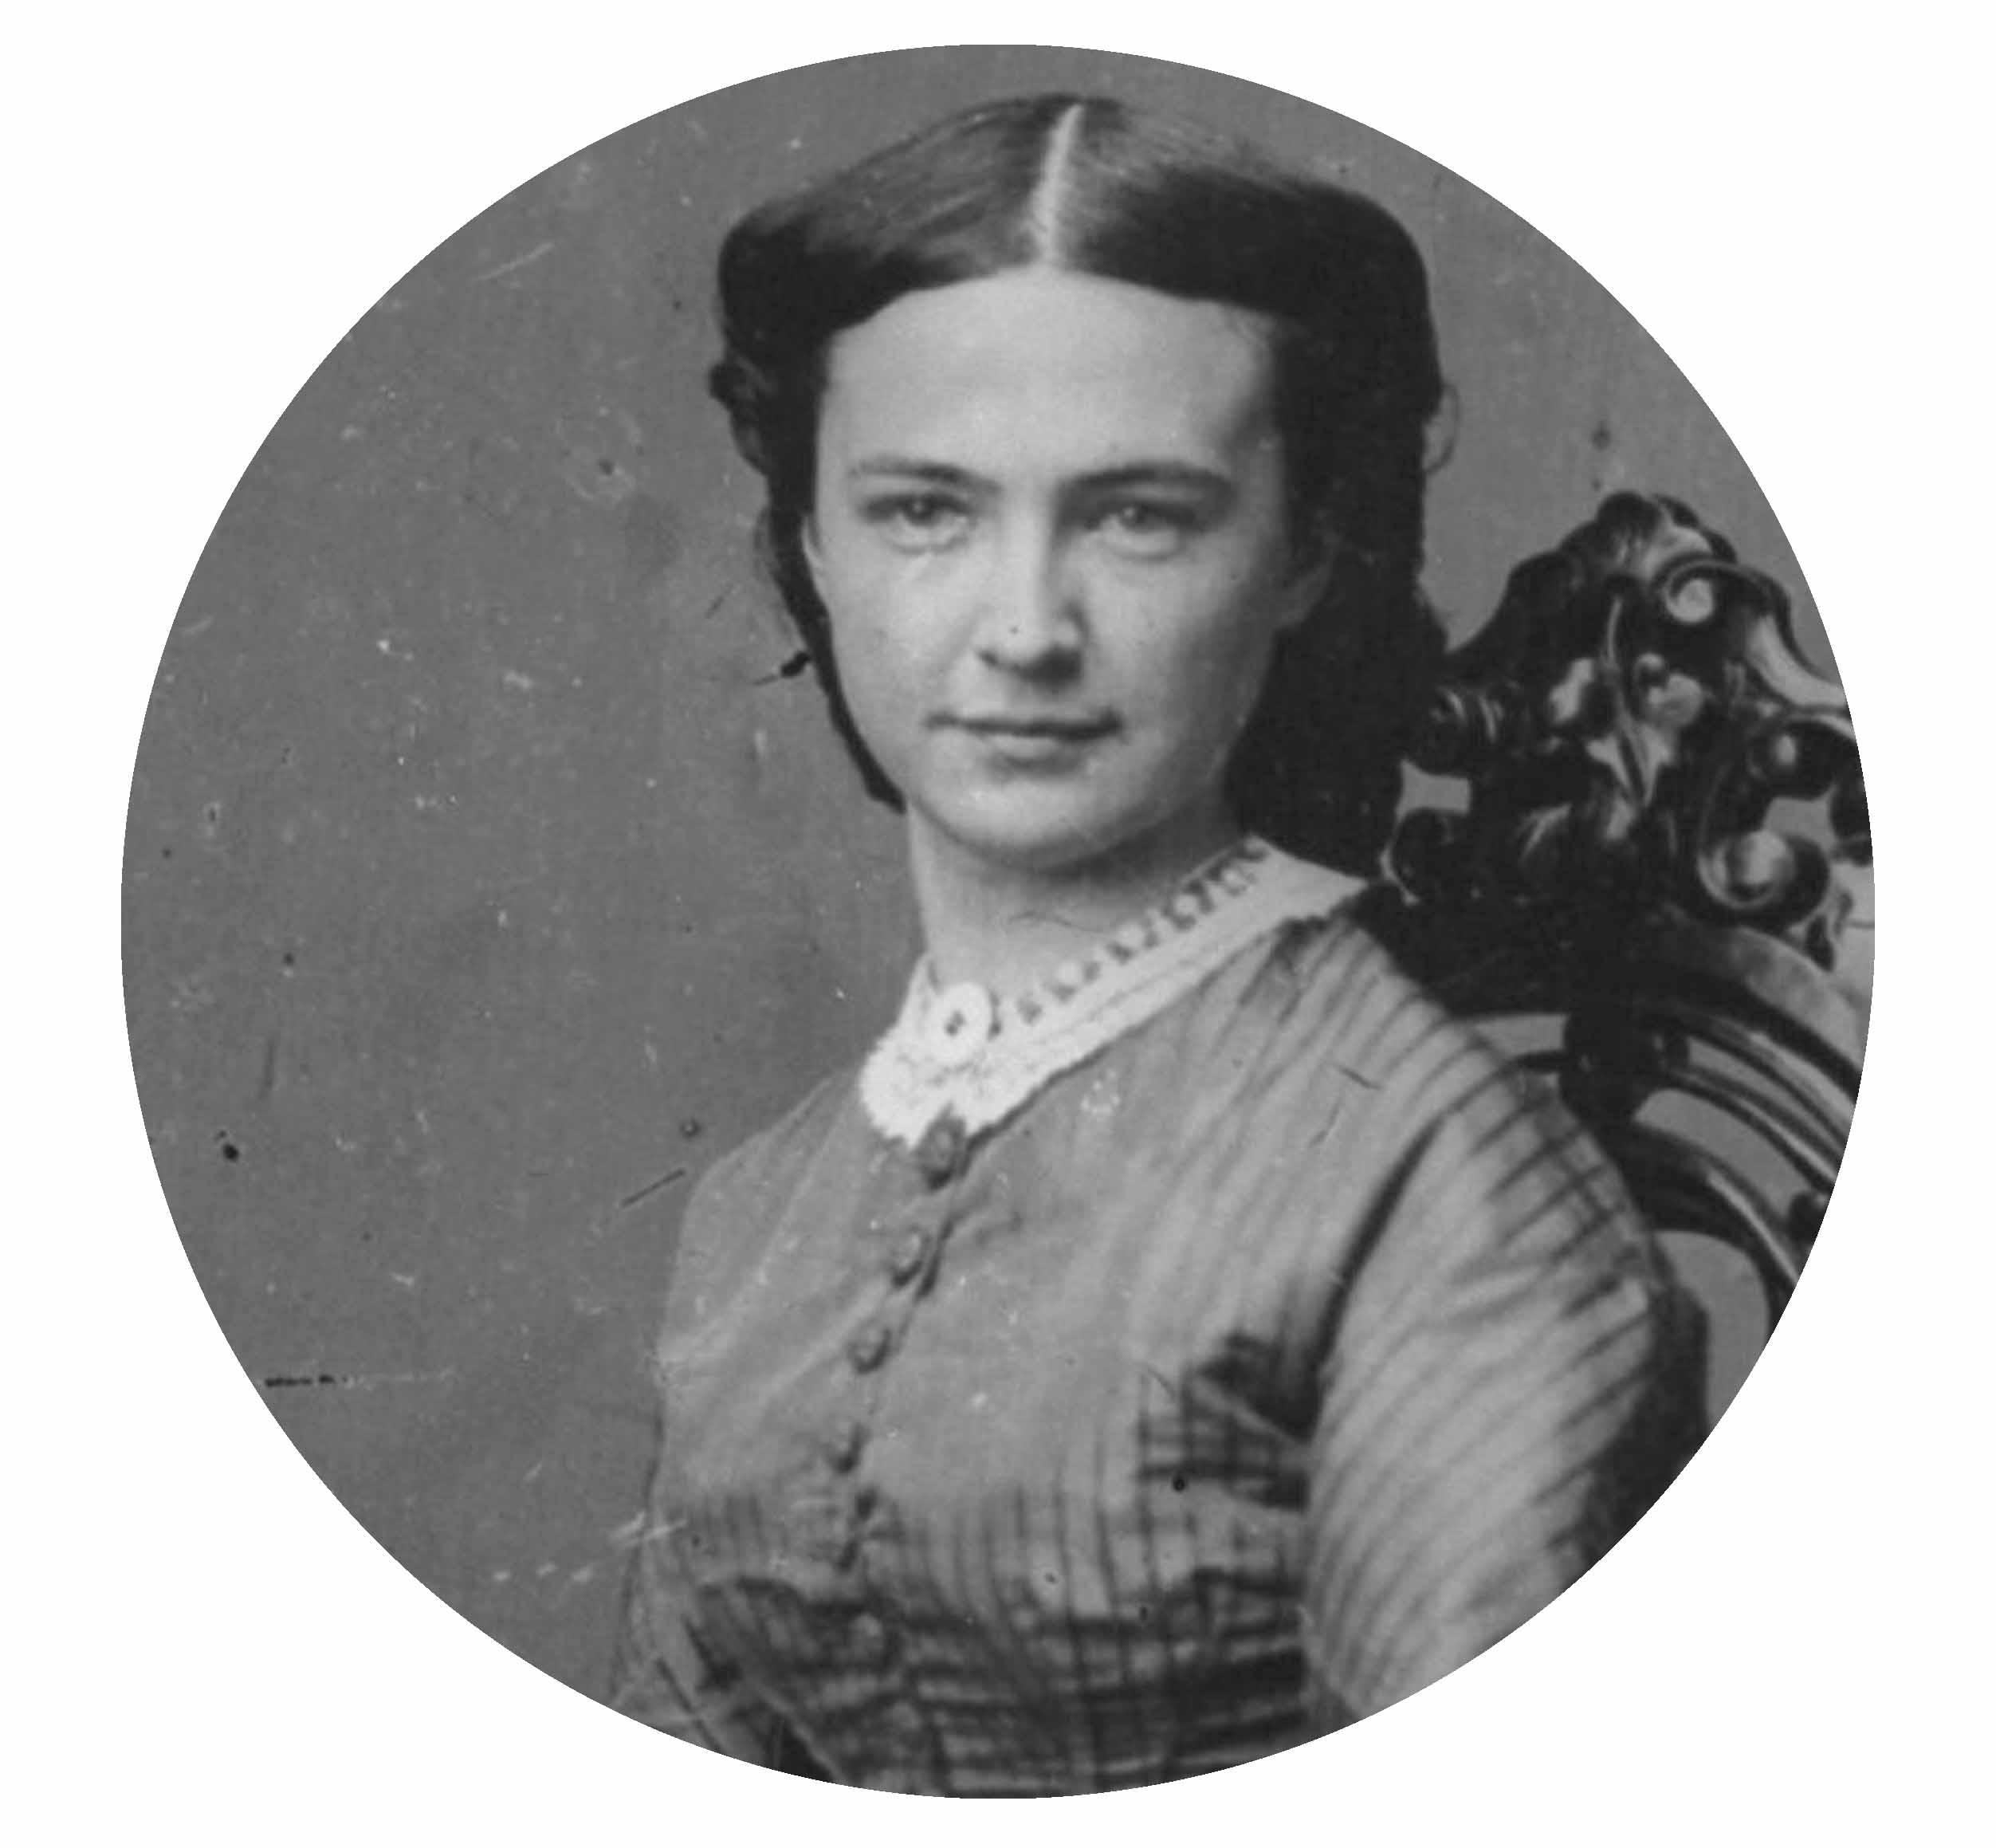 Elizabeth Custer